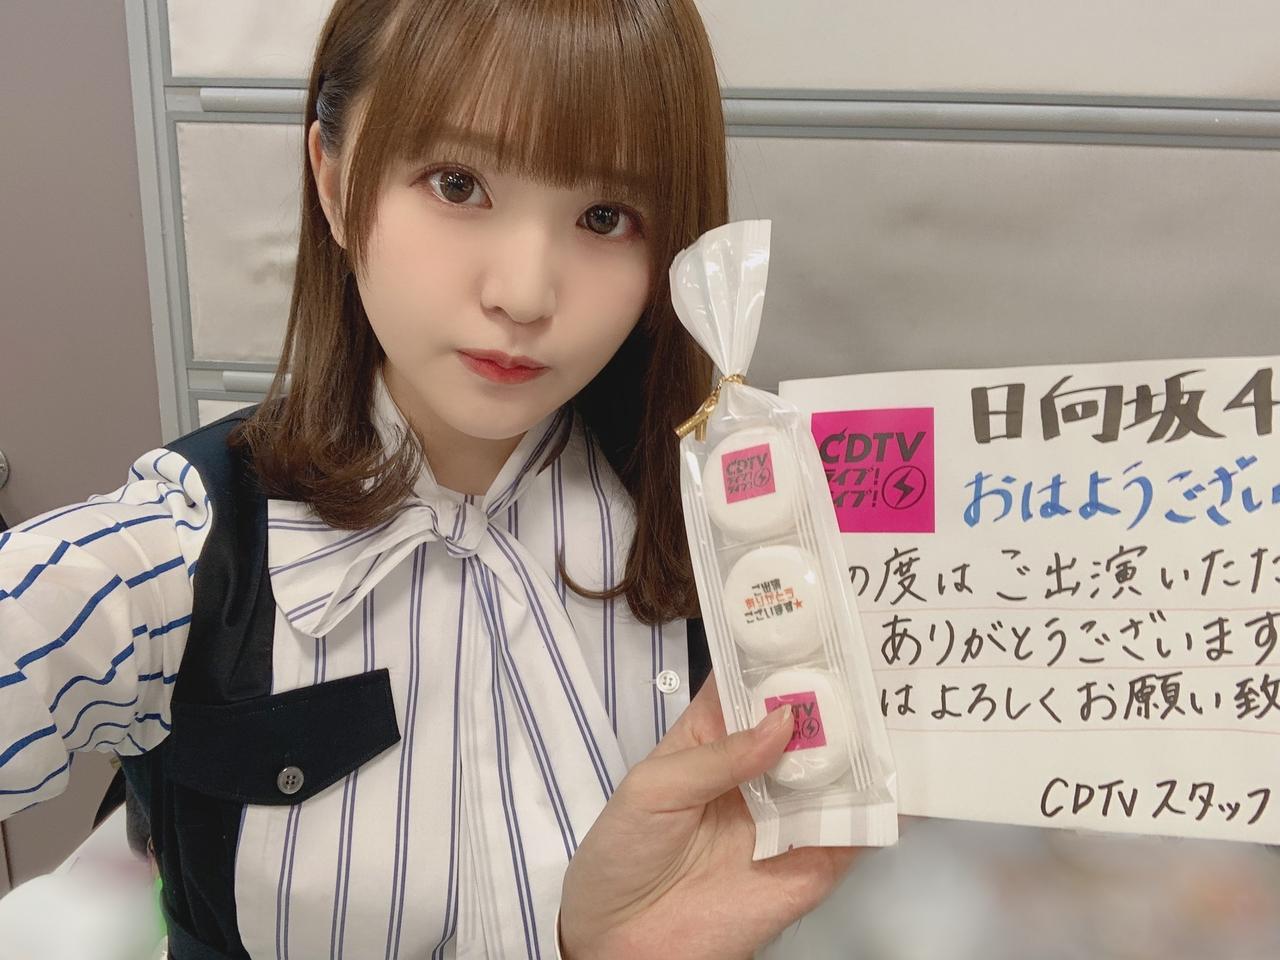 高瀬愛奈さんの「CDTV ライブ!ライブ!」